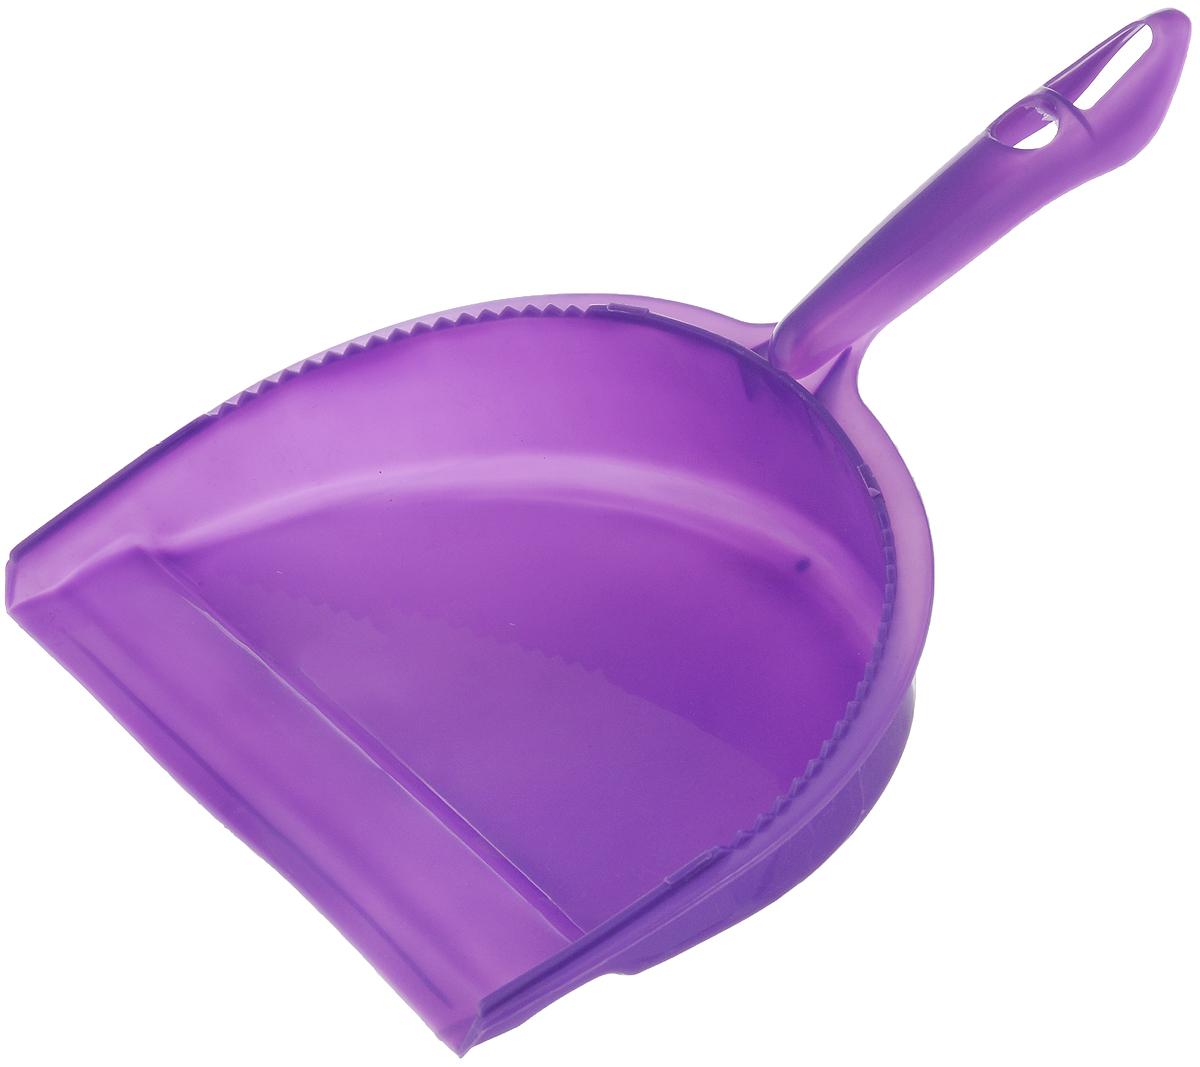 Совок для мусора Фэйт Джокер, цвет: фиолетовыйES-412Совок Фэйт Джокер предназначен для сбора мусора и пыли при уборке помещений. Он выполнен из прочного пластика и имеет удобную эргономическую ручку.Длина совка: 28,5 см.Ширина совка: 21 см.